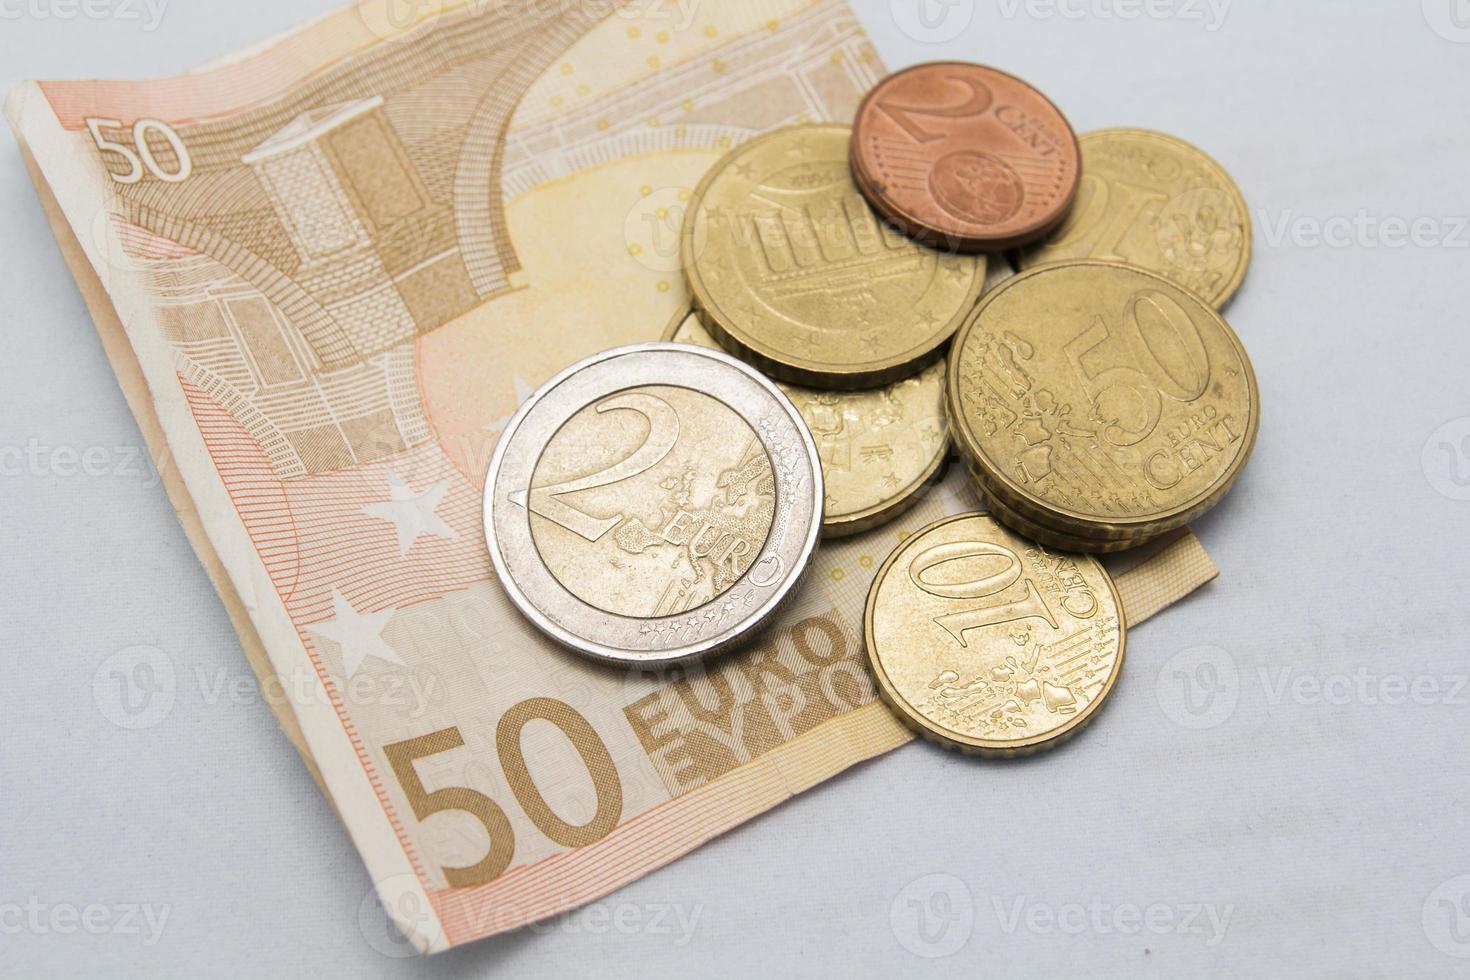 pengar - euromynt och sedlar foto